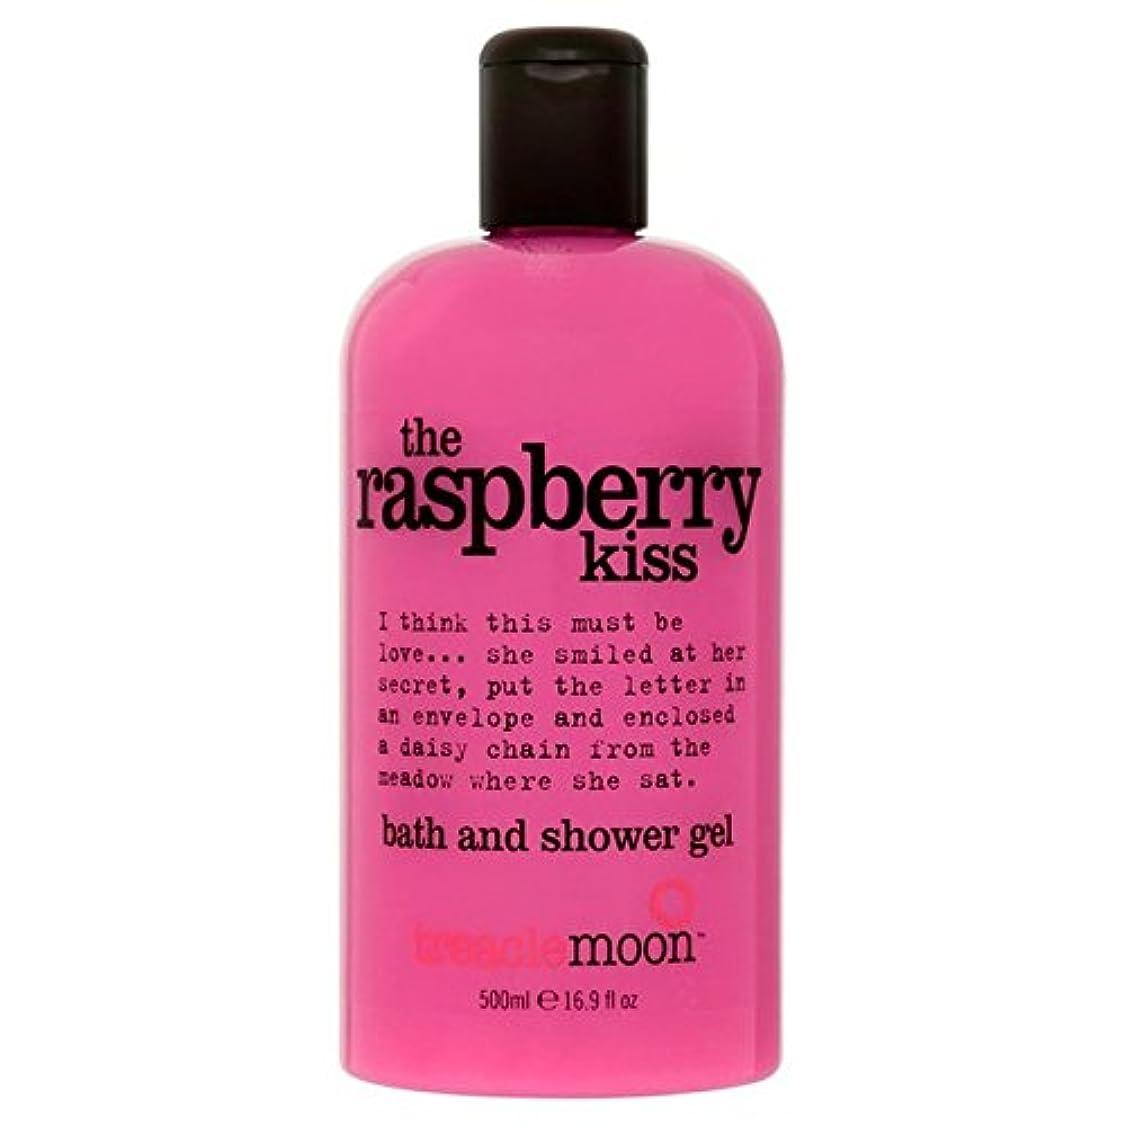 千タンパク質広告主糖蜜ムーンラズベリーバス&シャワージェル500ミリリットル x2 - Treacle Moon Raspberry Bath & Shower Gel 500ml (Pack of 2) [並行輸入品]